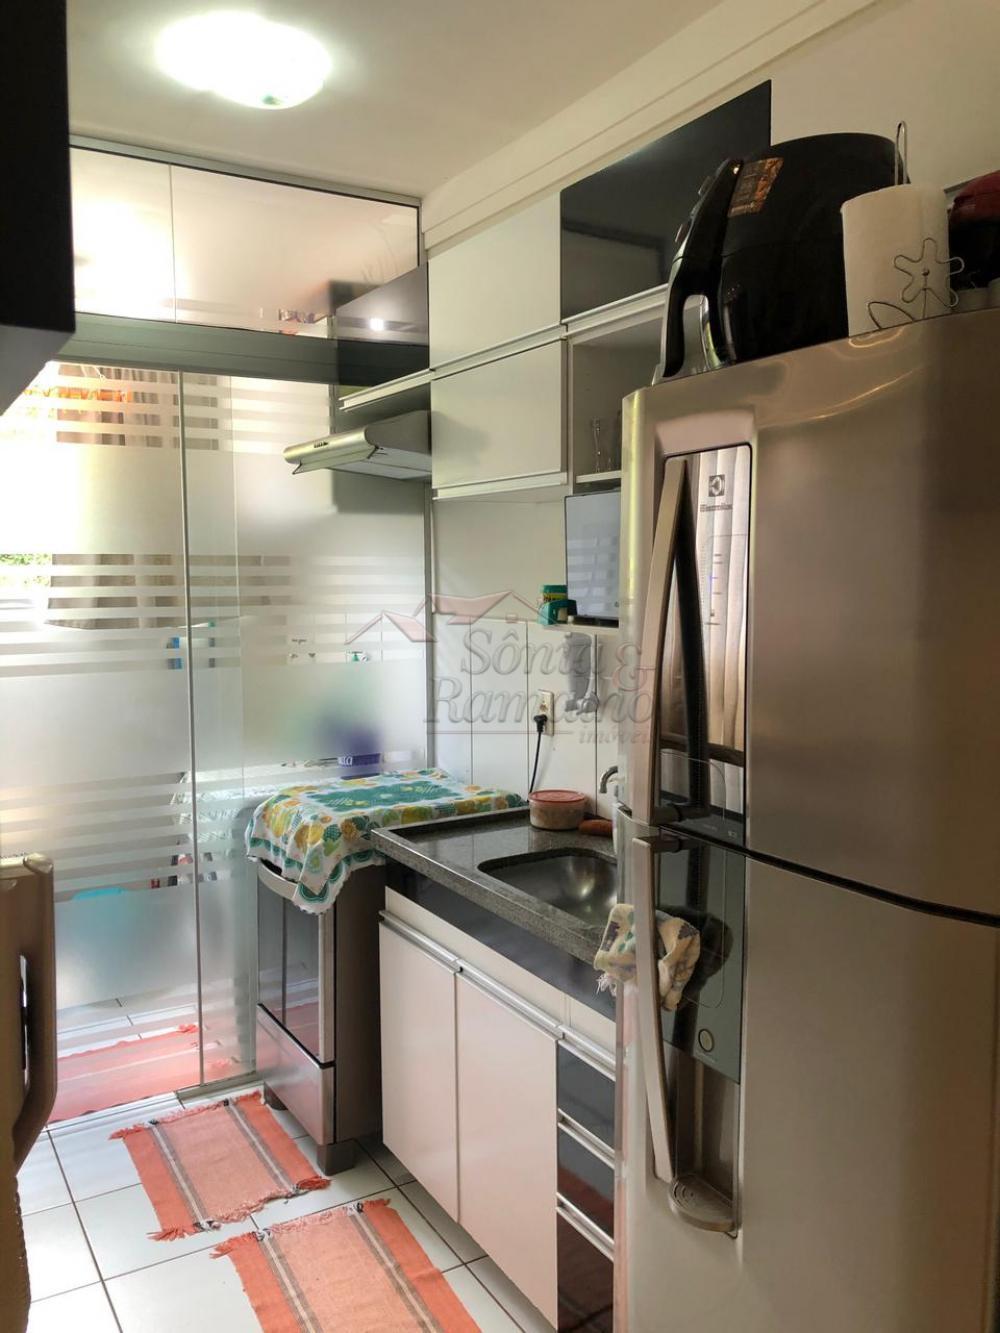 Comprar Apartamentos / Padrão em Ribeirão Preto R$ 229.000,00 - Foto 4